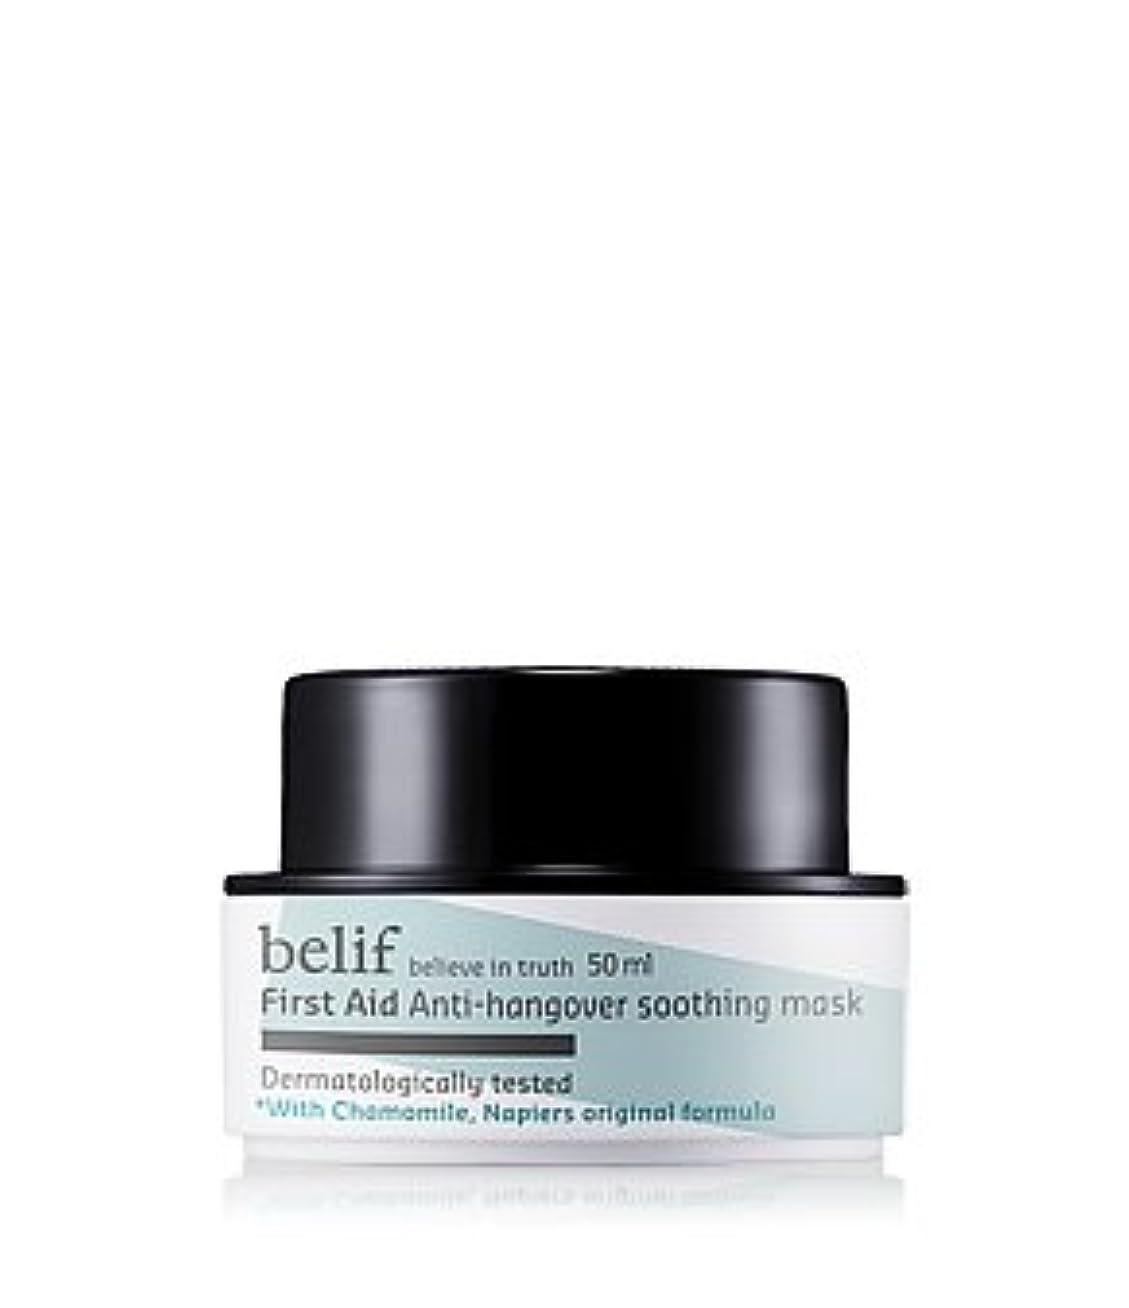 抑圧する相関する理解するBelif(ビリーフ)ファースト エイド アンチヘンオーバー スージング マスク(First Aid Anti-hangover soothing mask)50ml